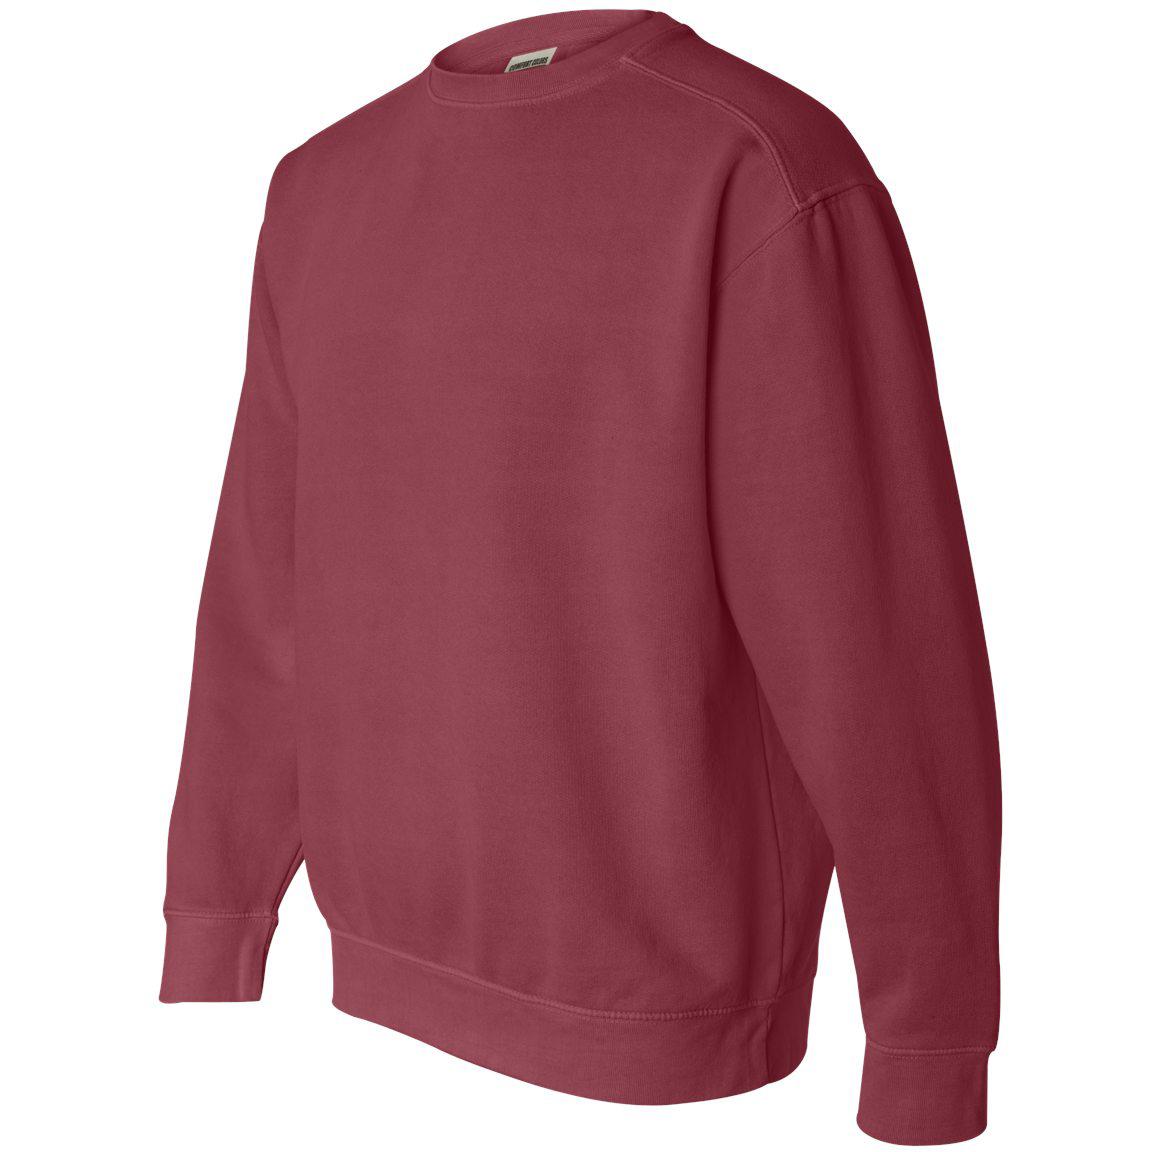 Comfort Colors 1566 Garment Dyed Ringspun Crewneck